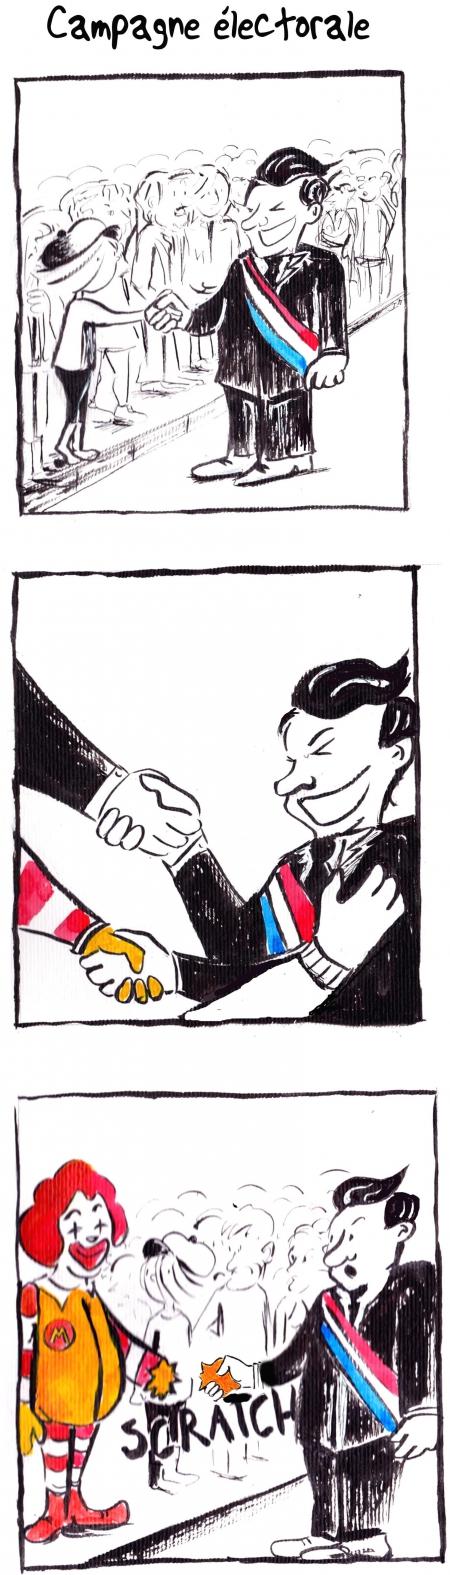 webzine,bd,gratuit,zébra,bande-dessinée,fanzine,strip,lola,aurélie dekeyser,clown,politicien,ronald mac donald,humour,satirique